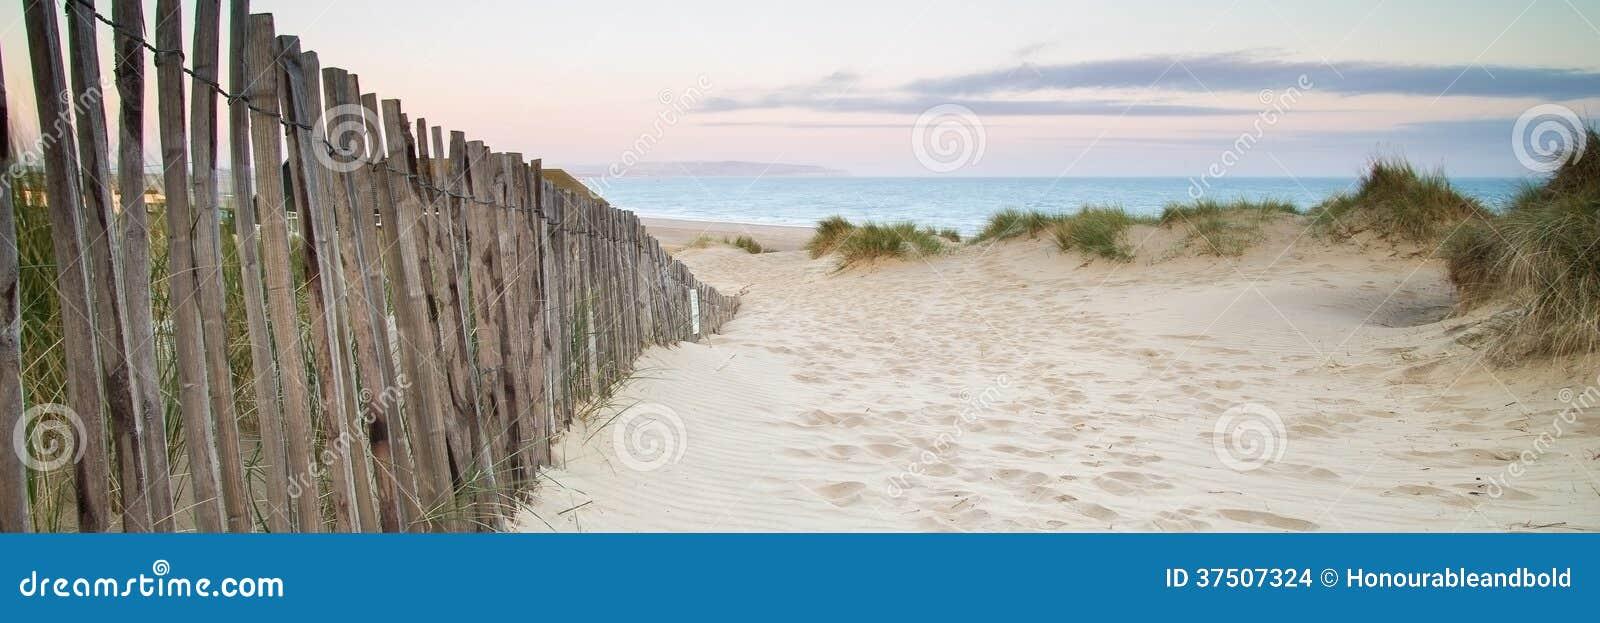 Paesaggio di panorama del sistema delle dune di sabbia sulla spiaggia ad alba